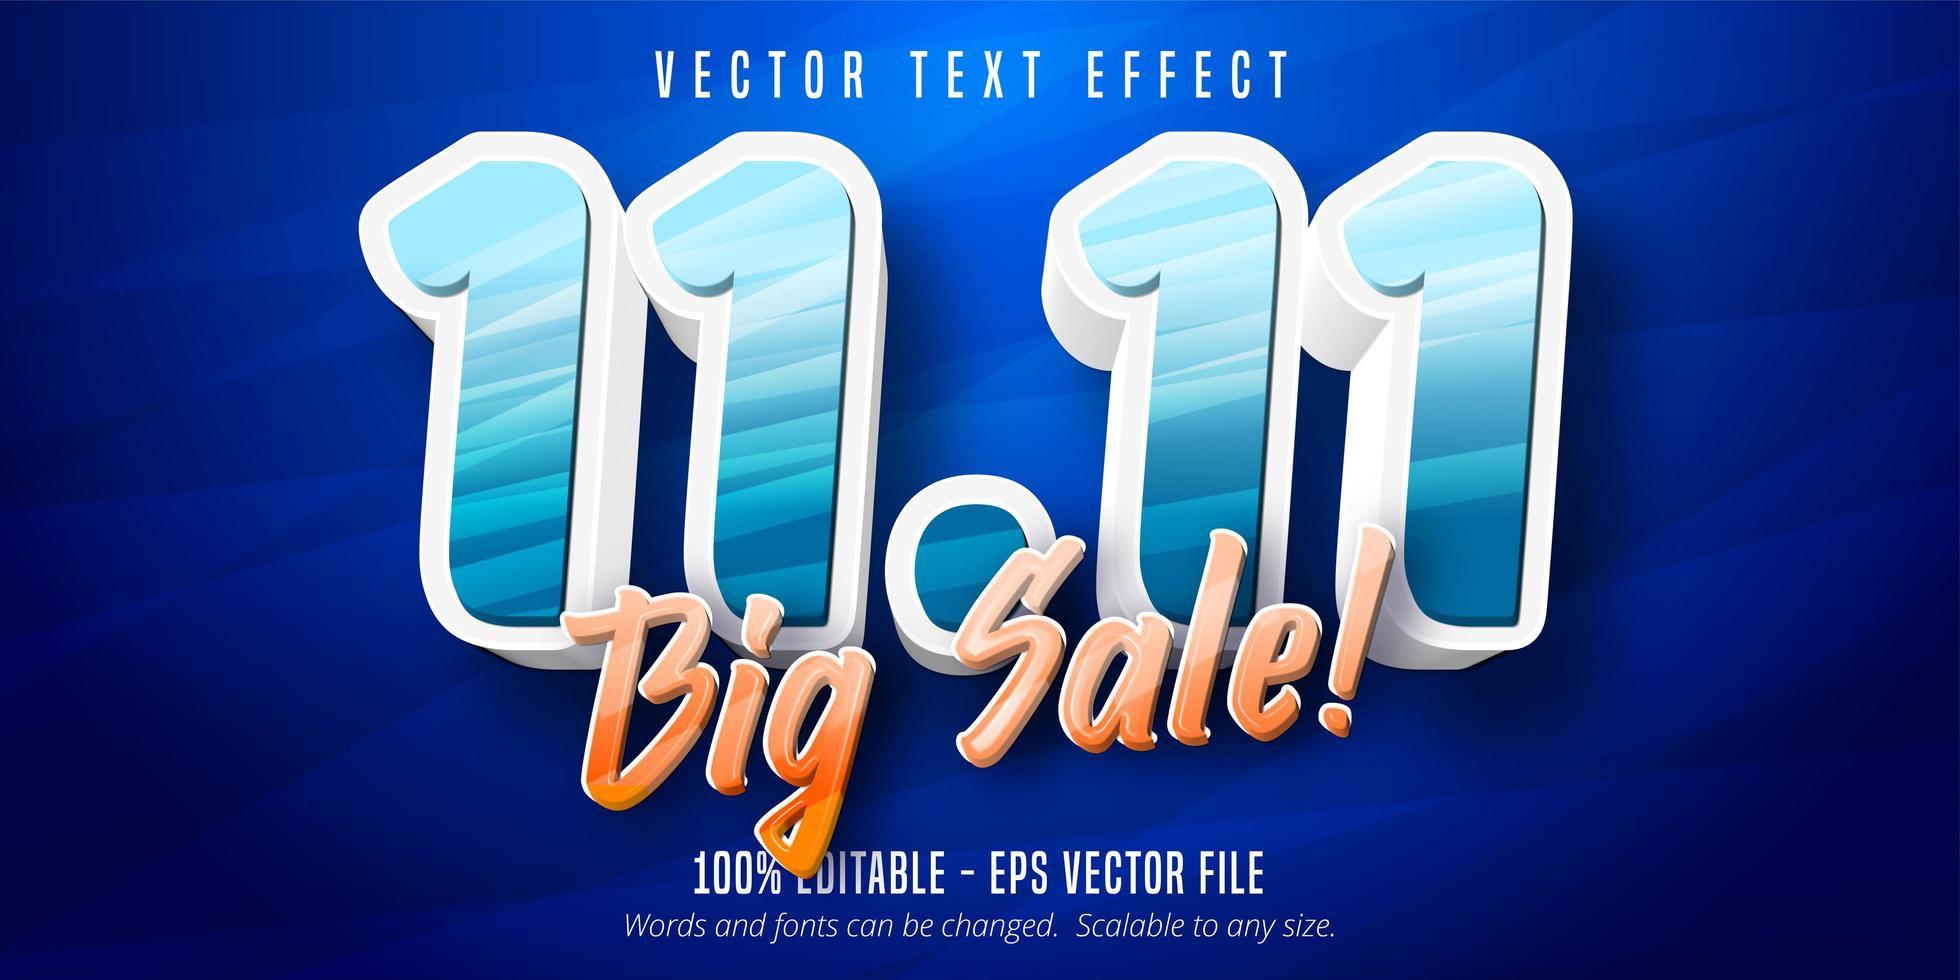 11.11 großer Verkaufstext bearbeitbarer Texteffekt vektor